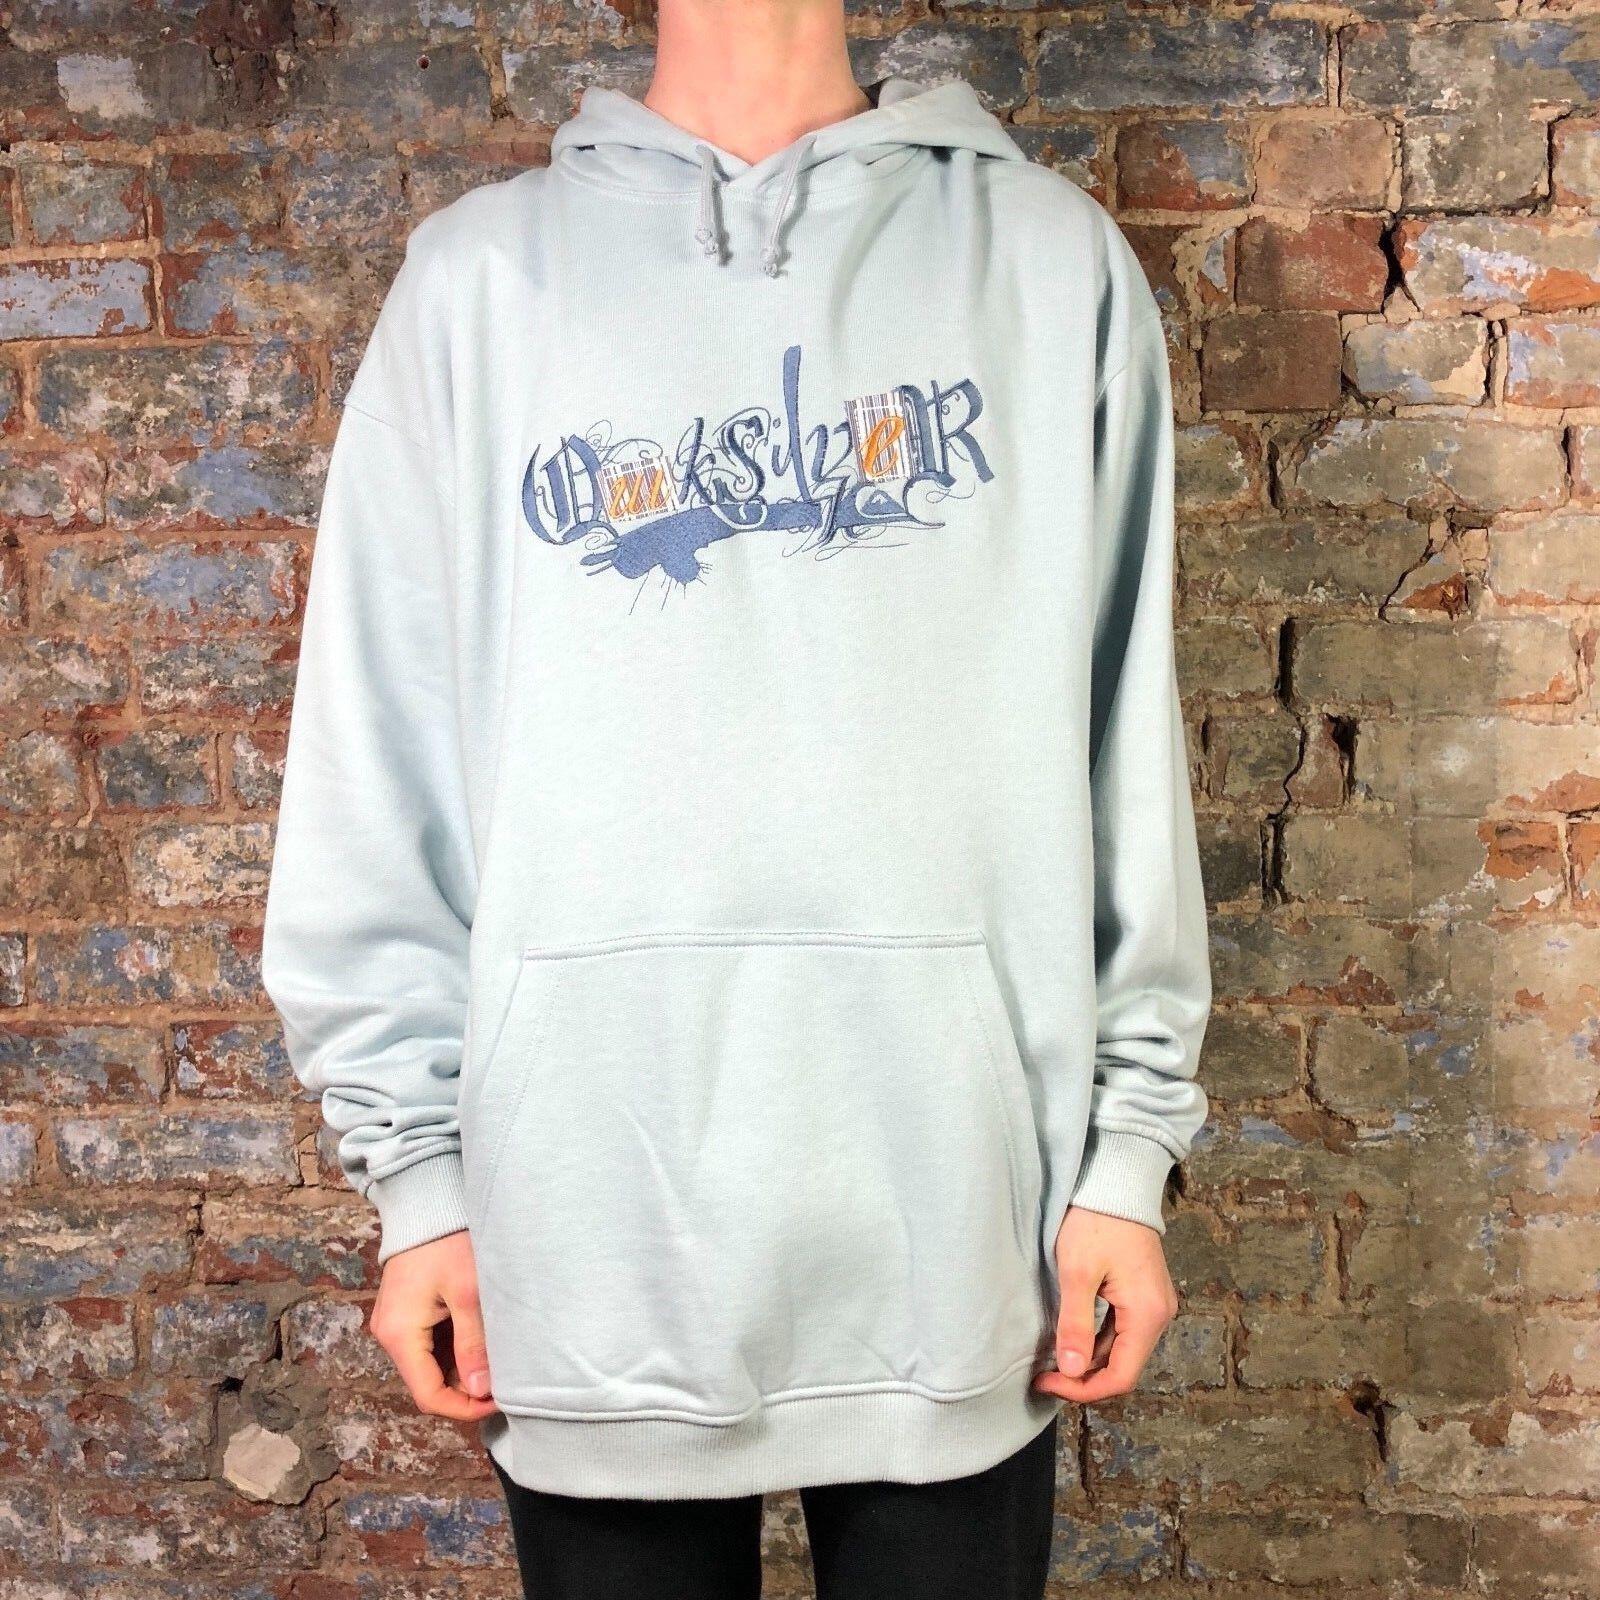 Quiksilver Vintage Gladiators Hoodie Hooded Sweatshirt Brand New in size M,L XL